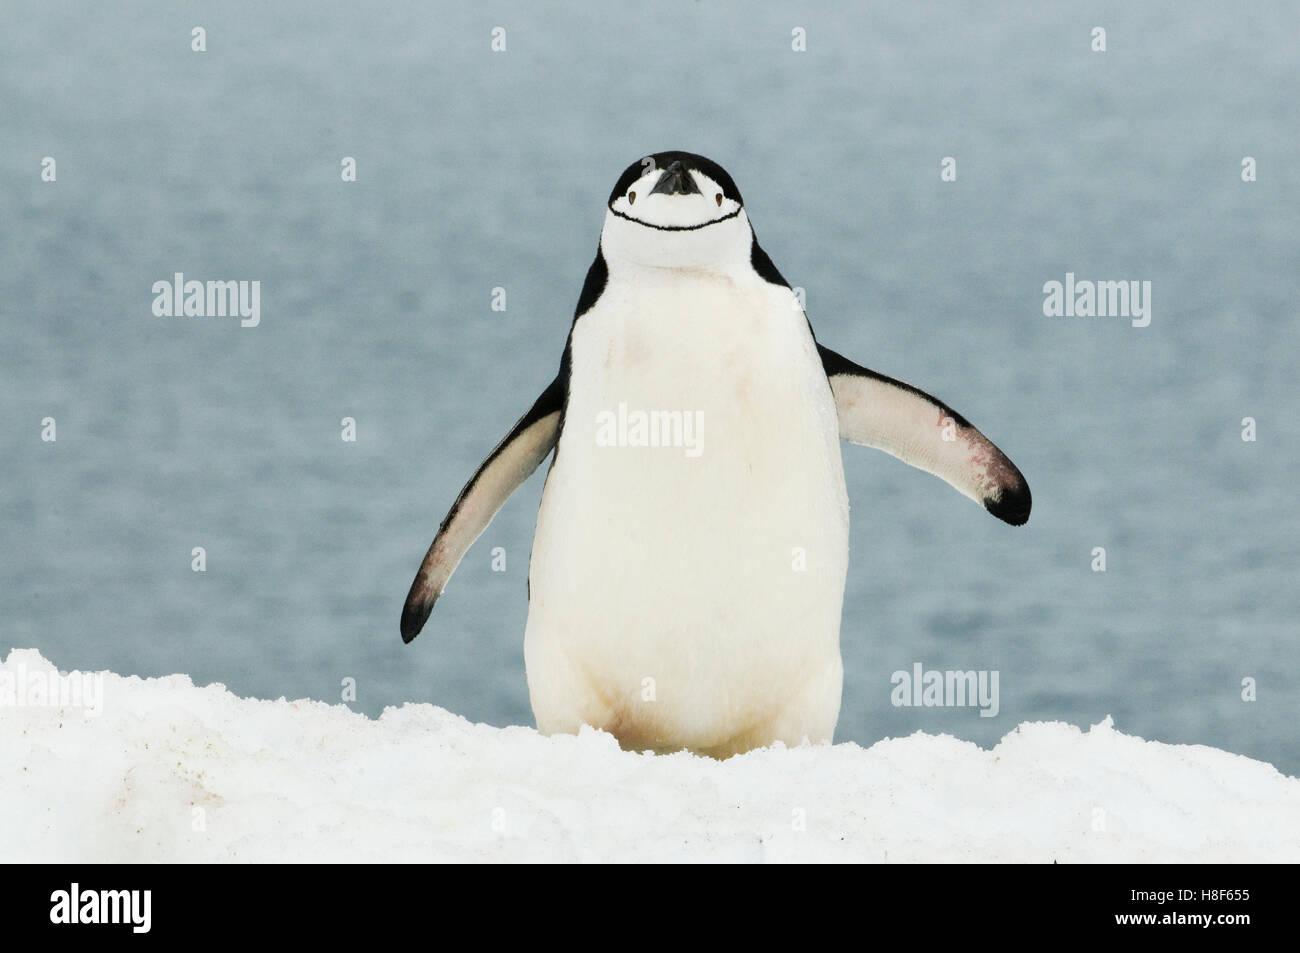 Chinstrap Penguin (Pygoscelis antarctica) Antarctic Peninsula, Antarctica - Stock Image